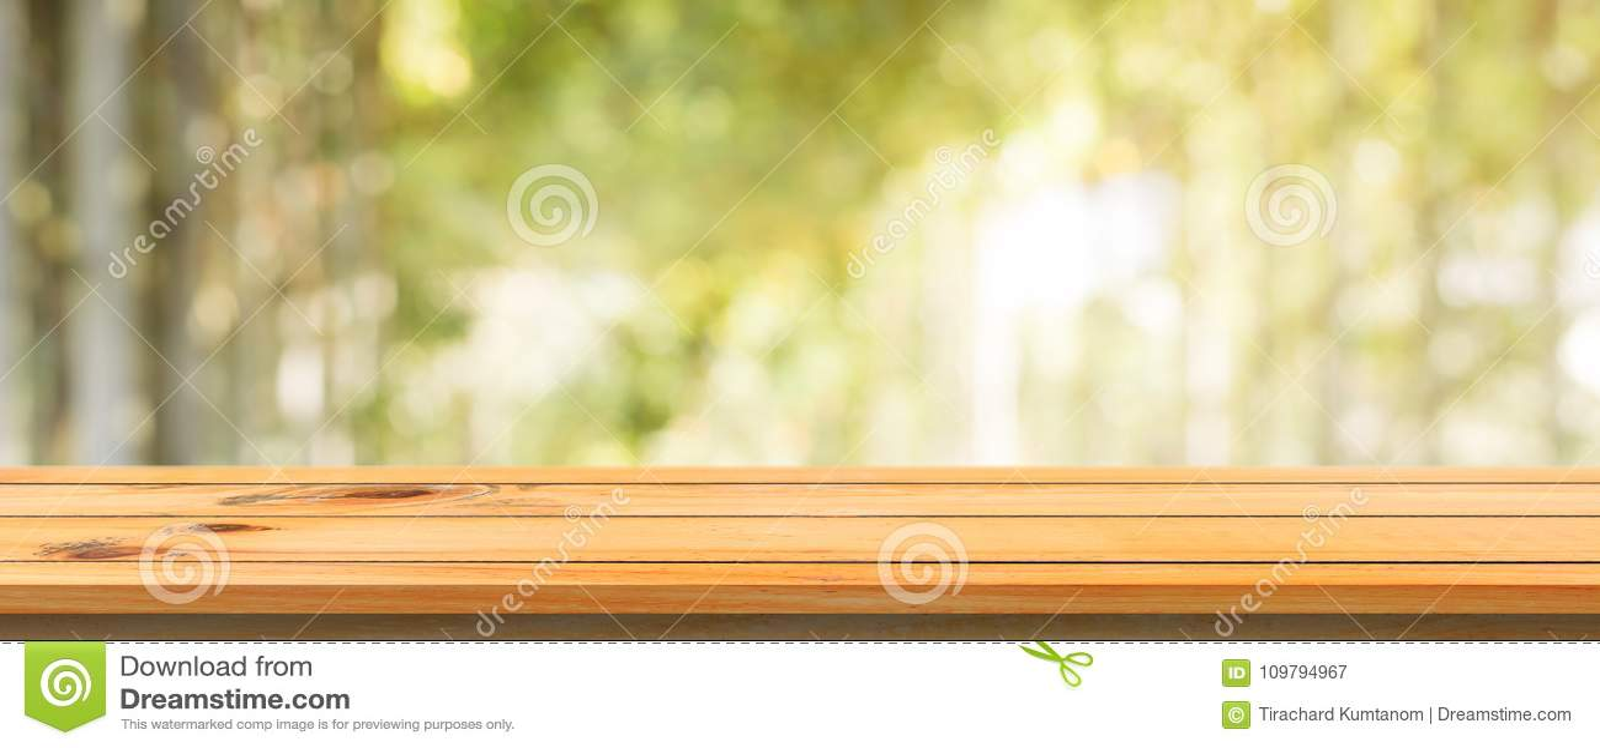 Fondo vago tavola vuota del bordo di legno Tavola di legno marrone di prospettiva sopra il fondo della foresta degli alberi della